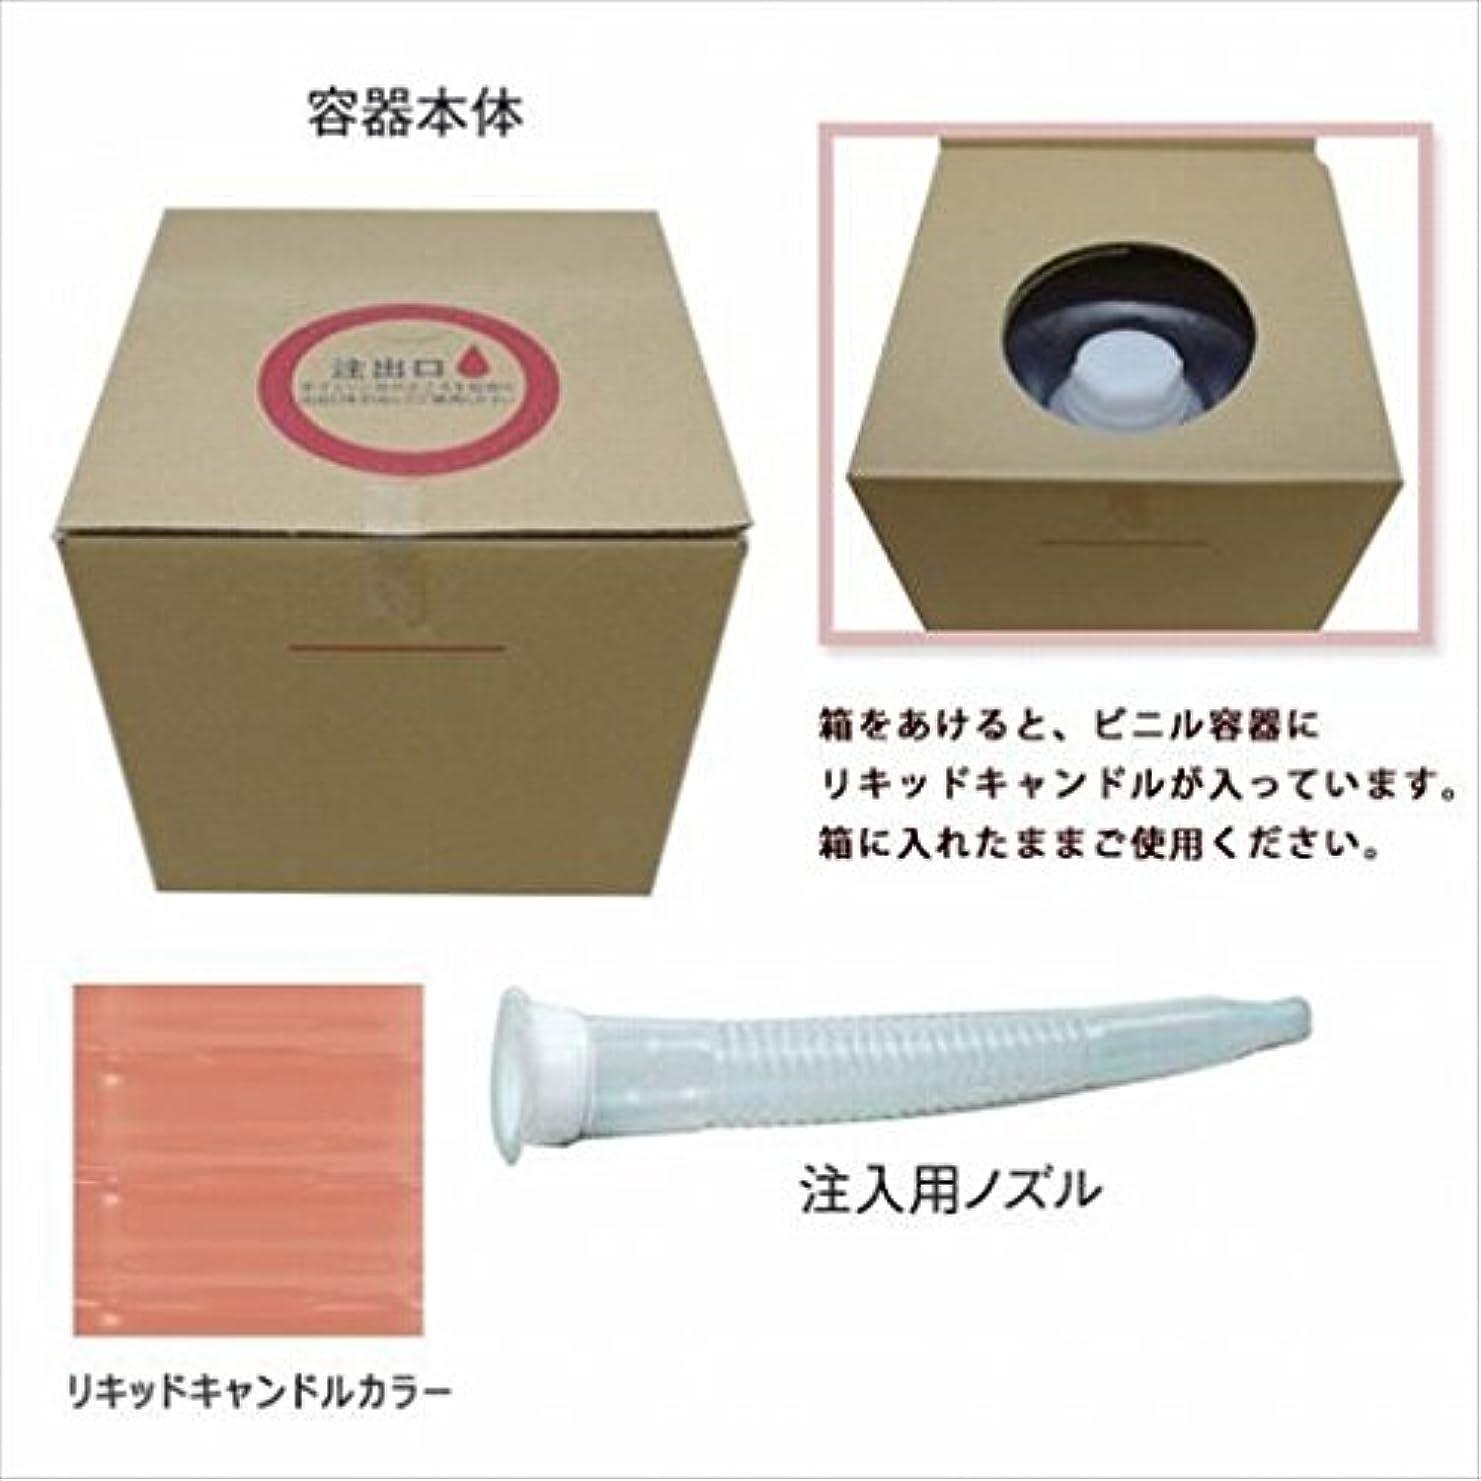 クモ最近時刻表カメヤマキャンドル( kameyama candle ) リキッドキャンドル5リットル 「 ピンクゴールド 」